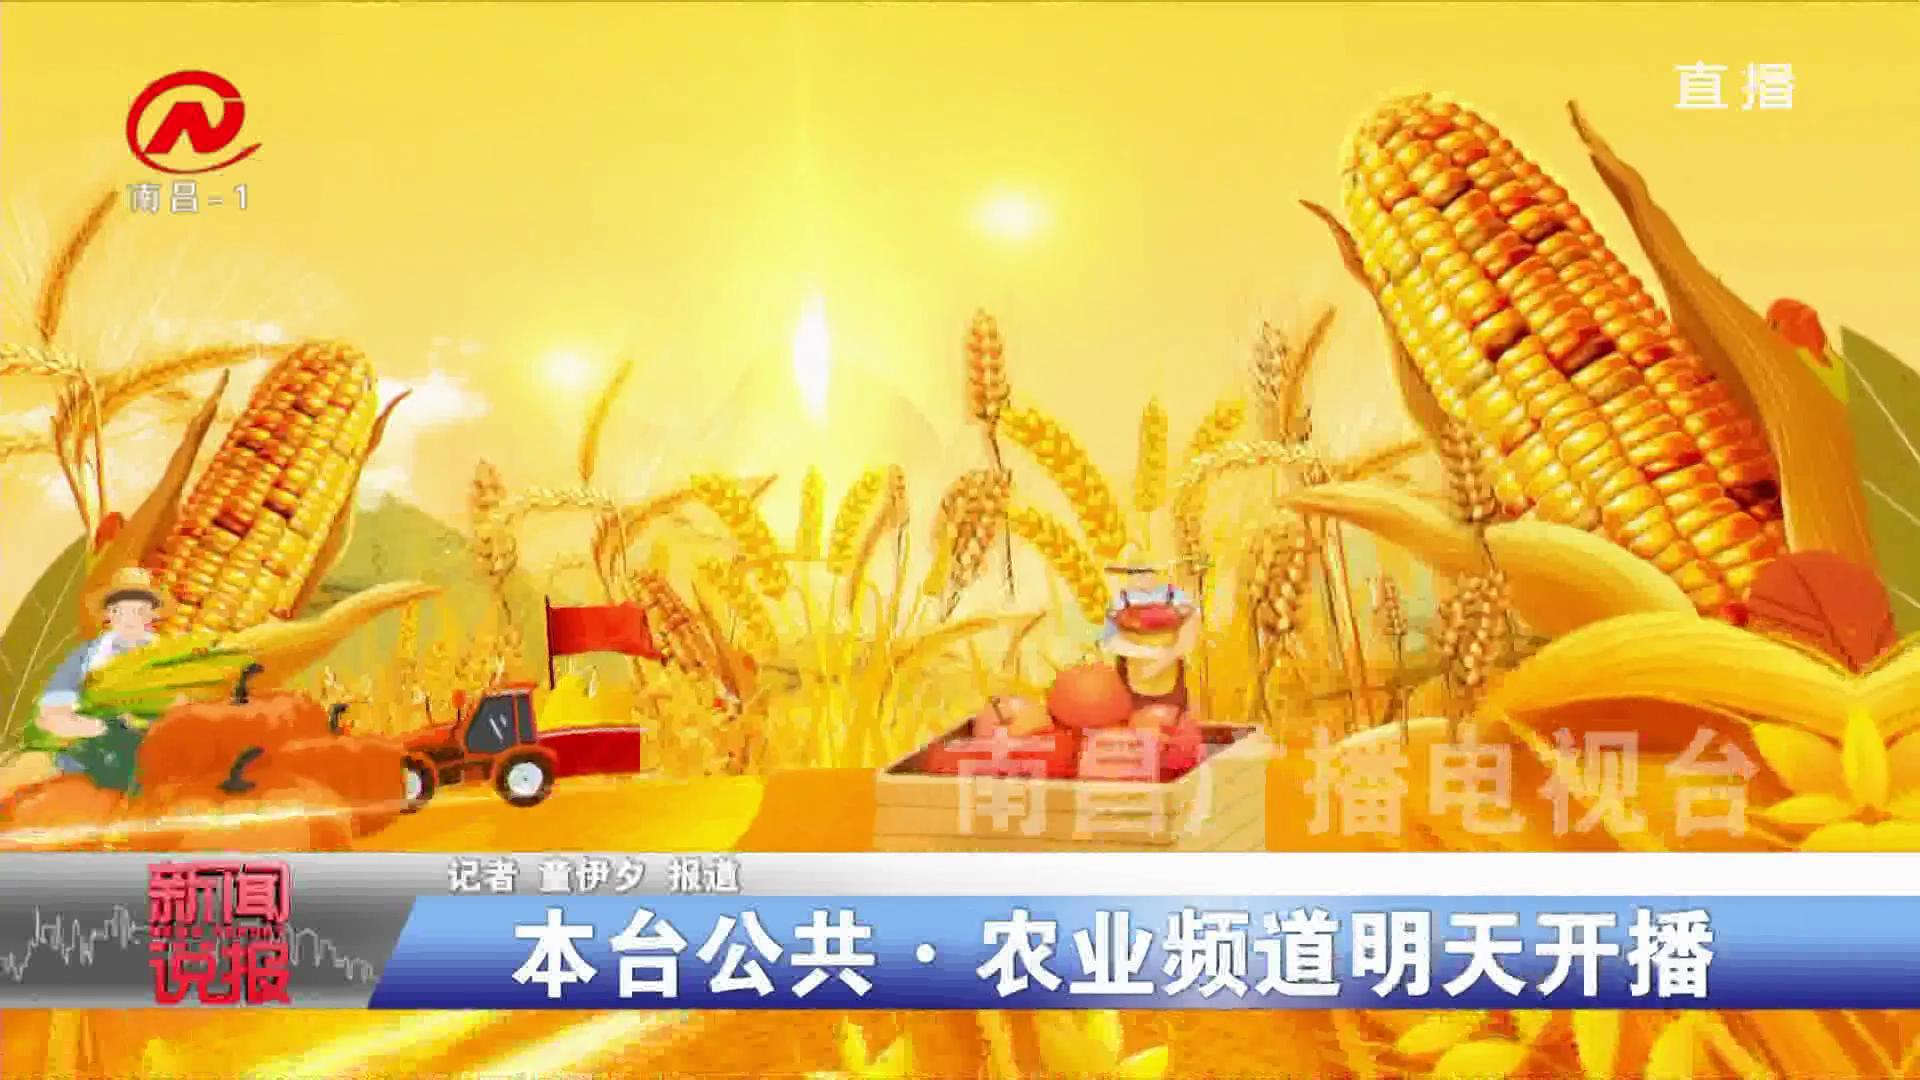 本台公共·农业频道明天开播